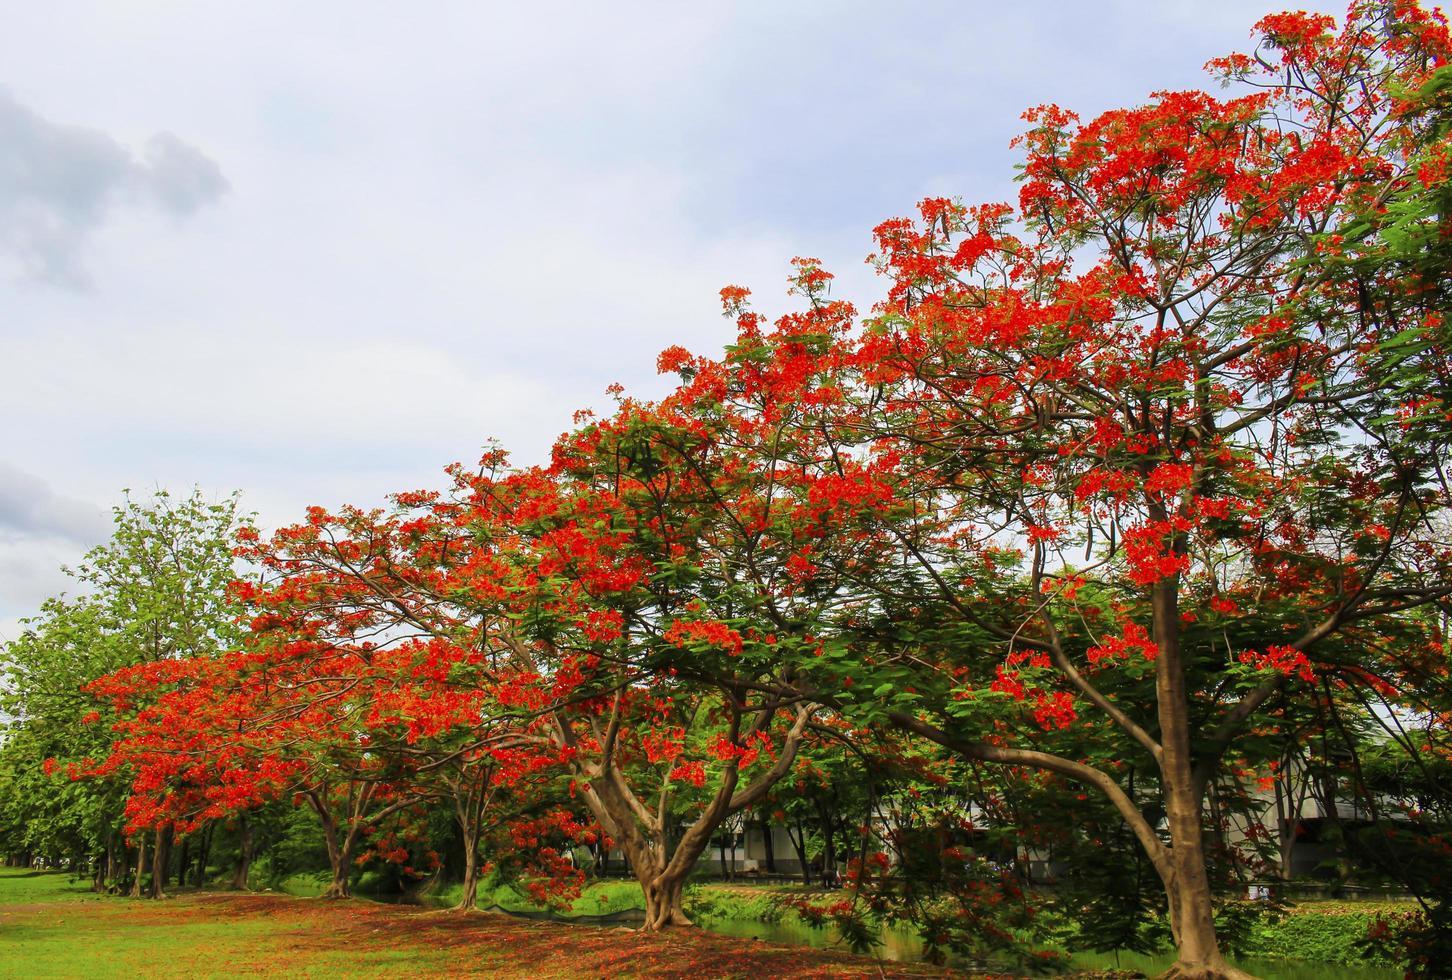 rode bloemen op bomen foto